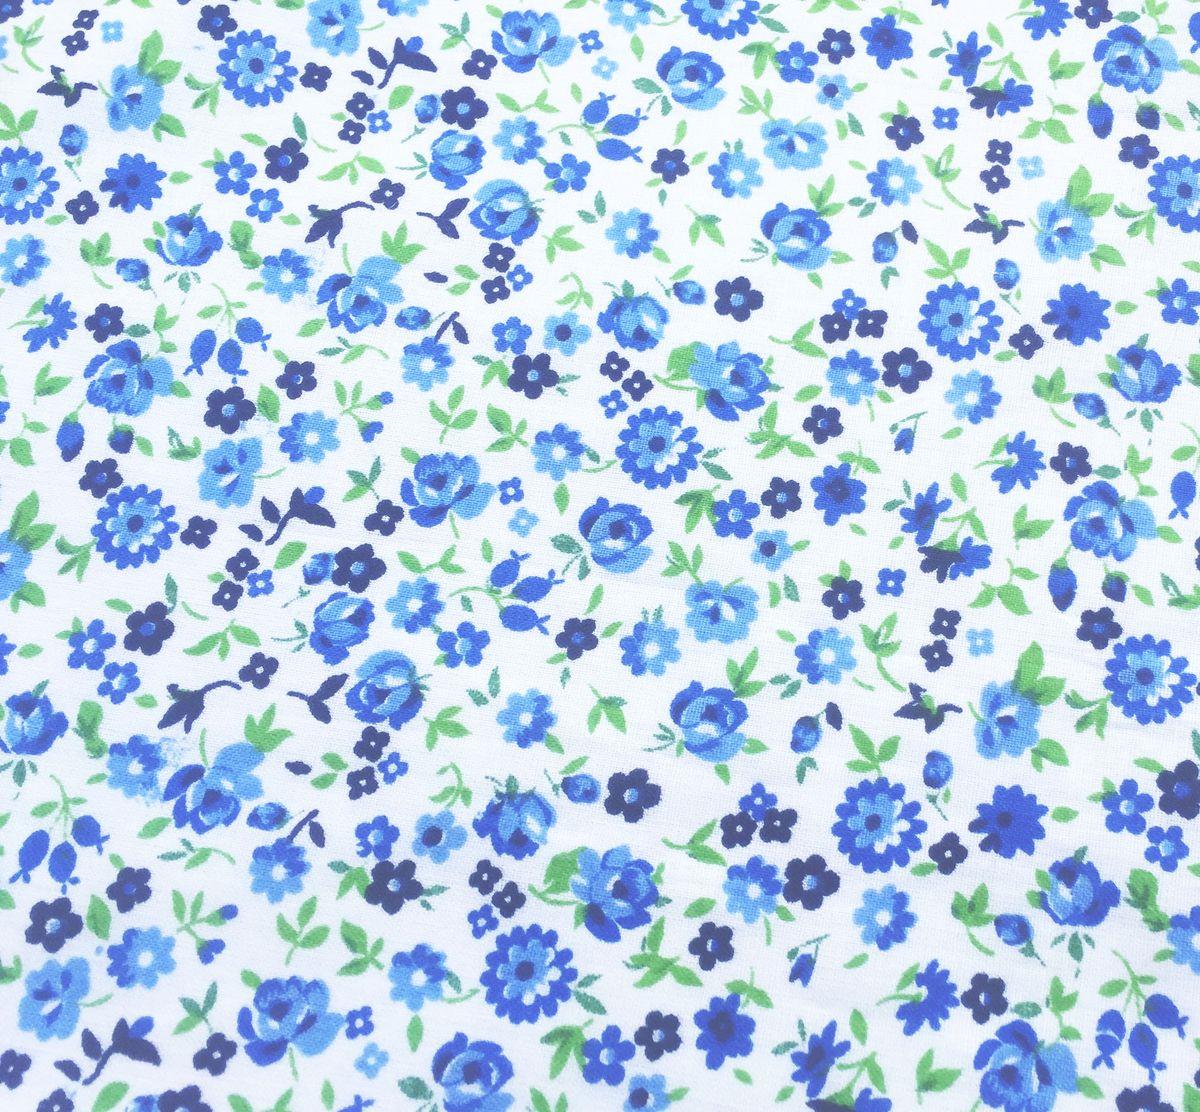 Комплект постельного белья 1,5-спальный, ситец Шуйский (Цветочное настроение, голубой)